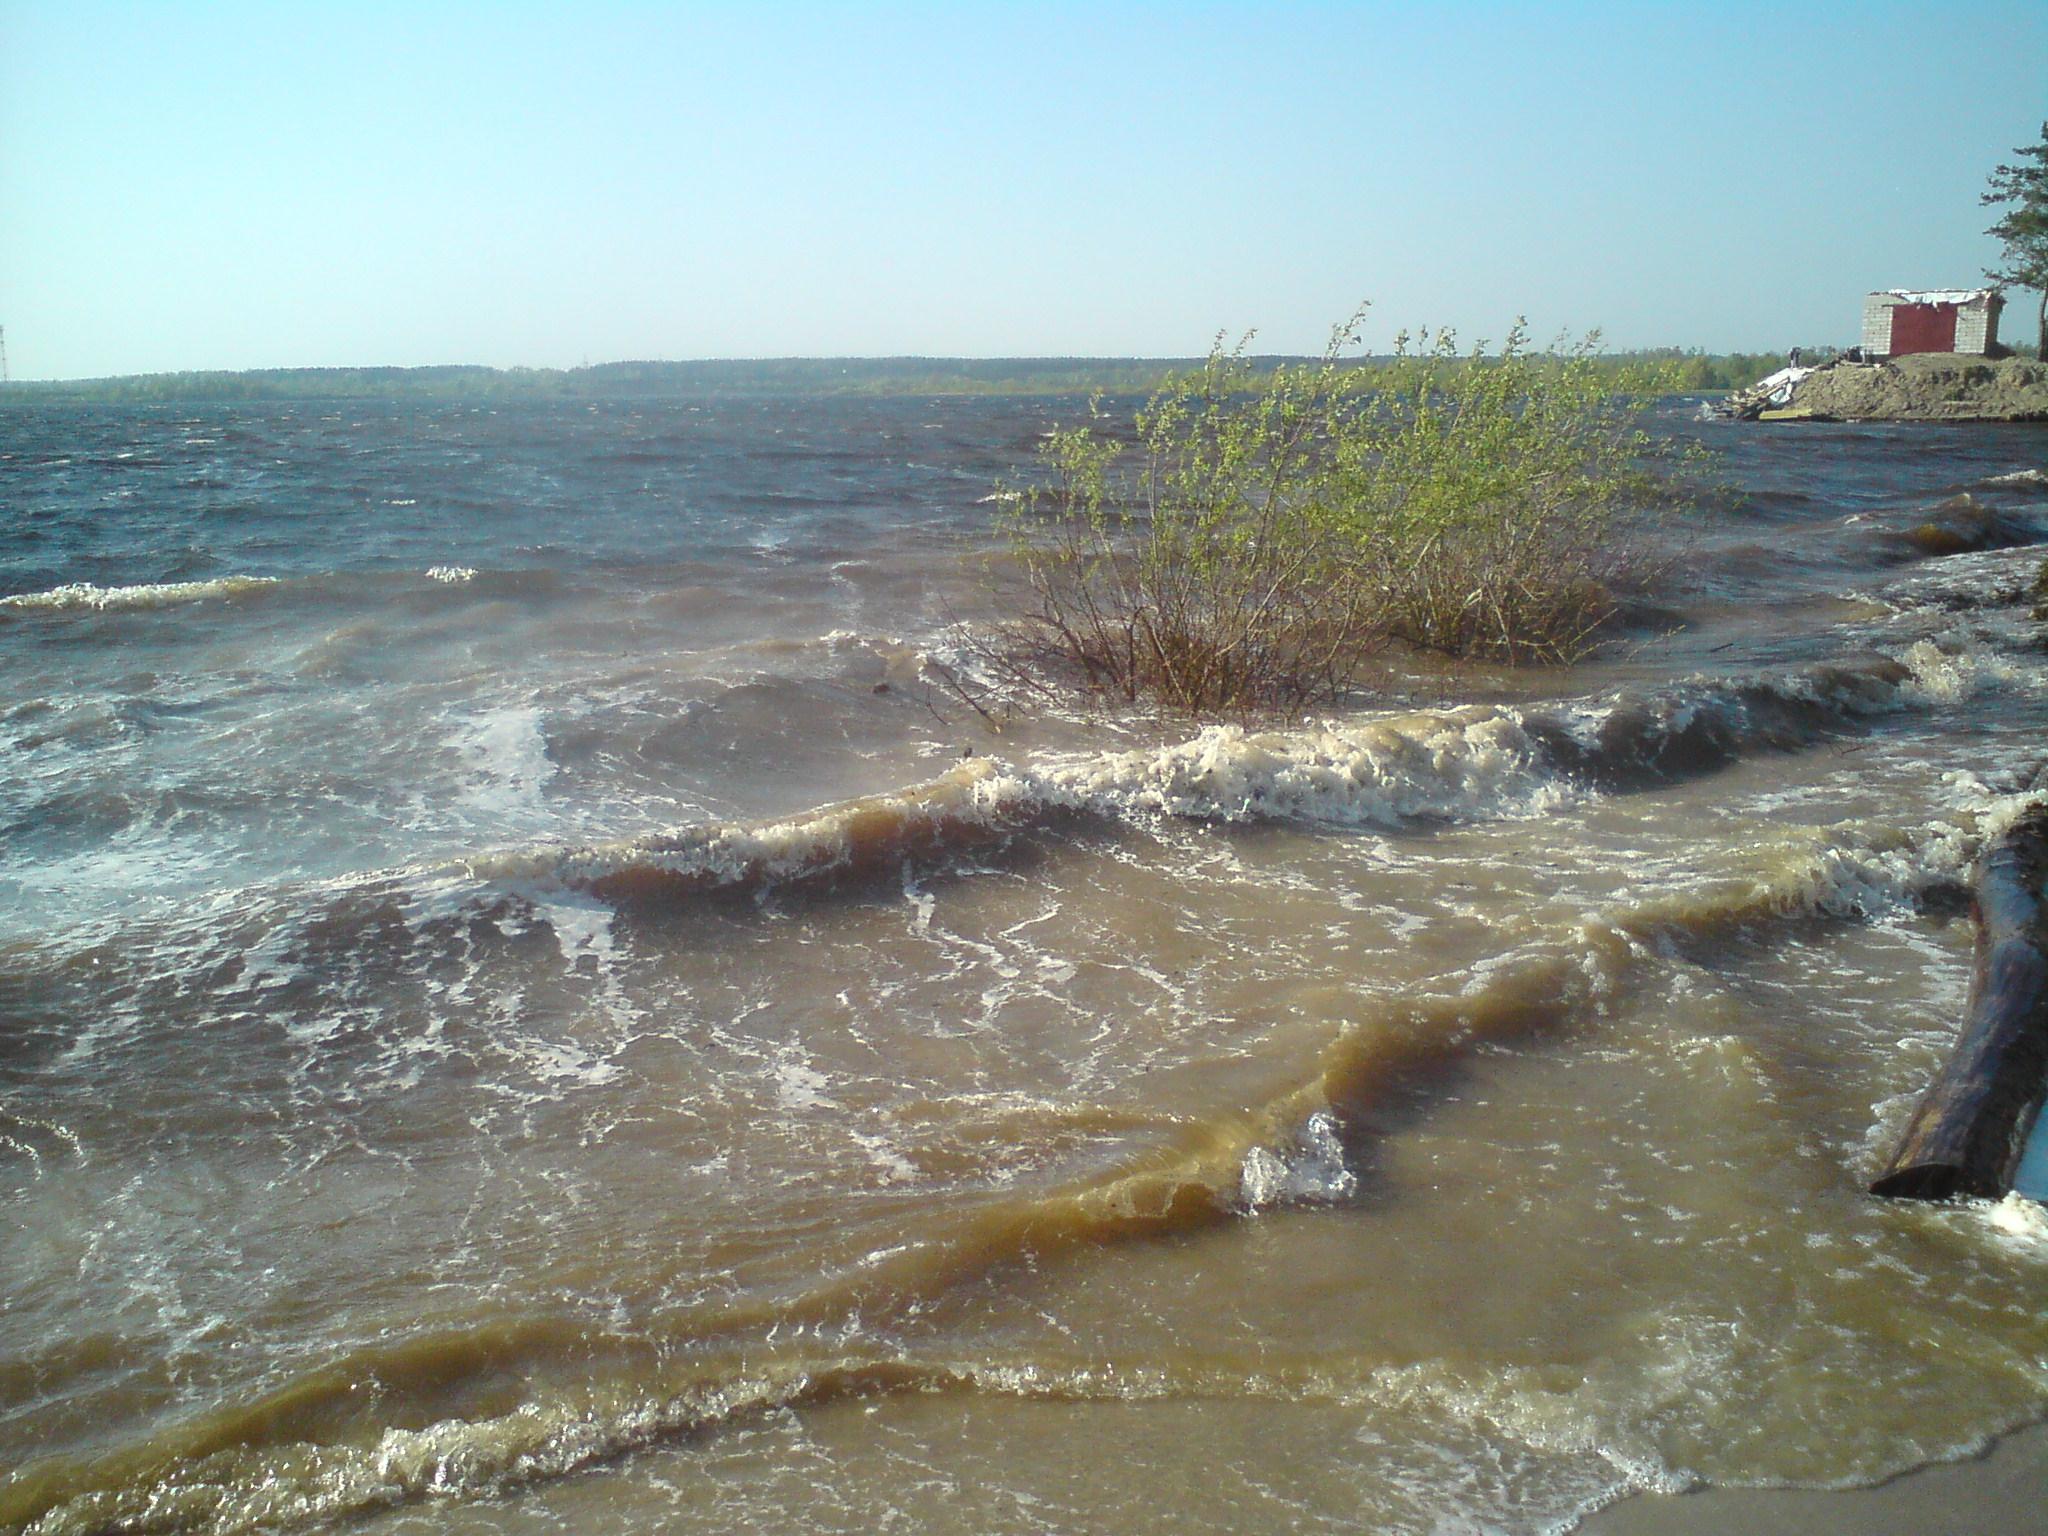 http://www.bryansk.wind.ru/sites/default/files/DSC00681.JPG